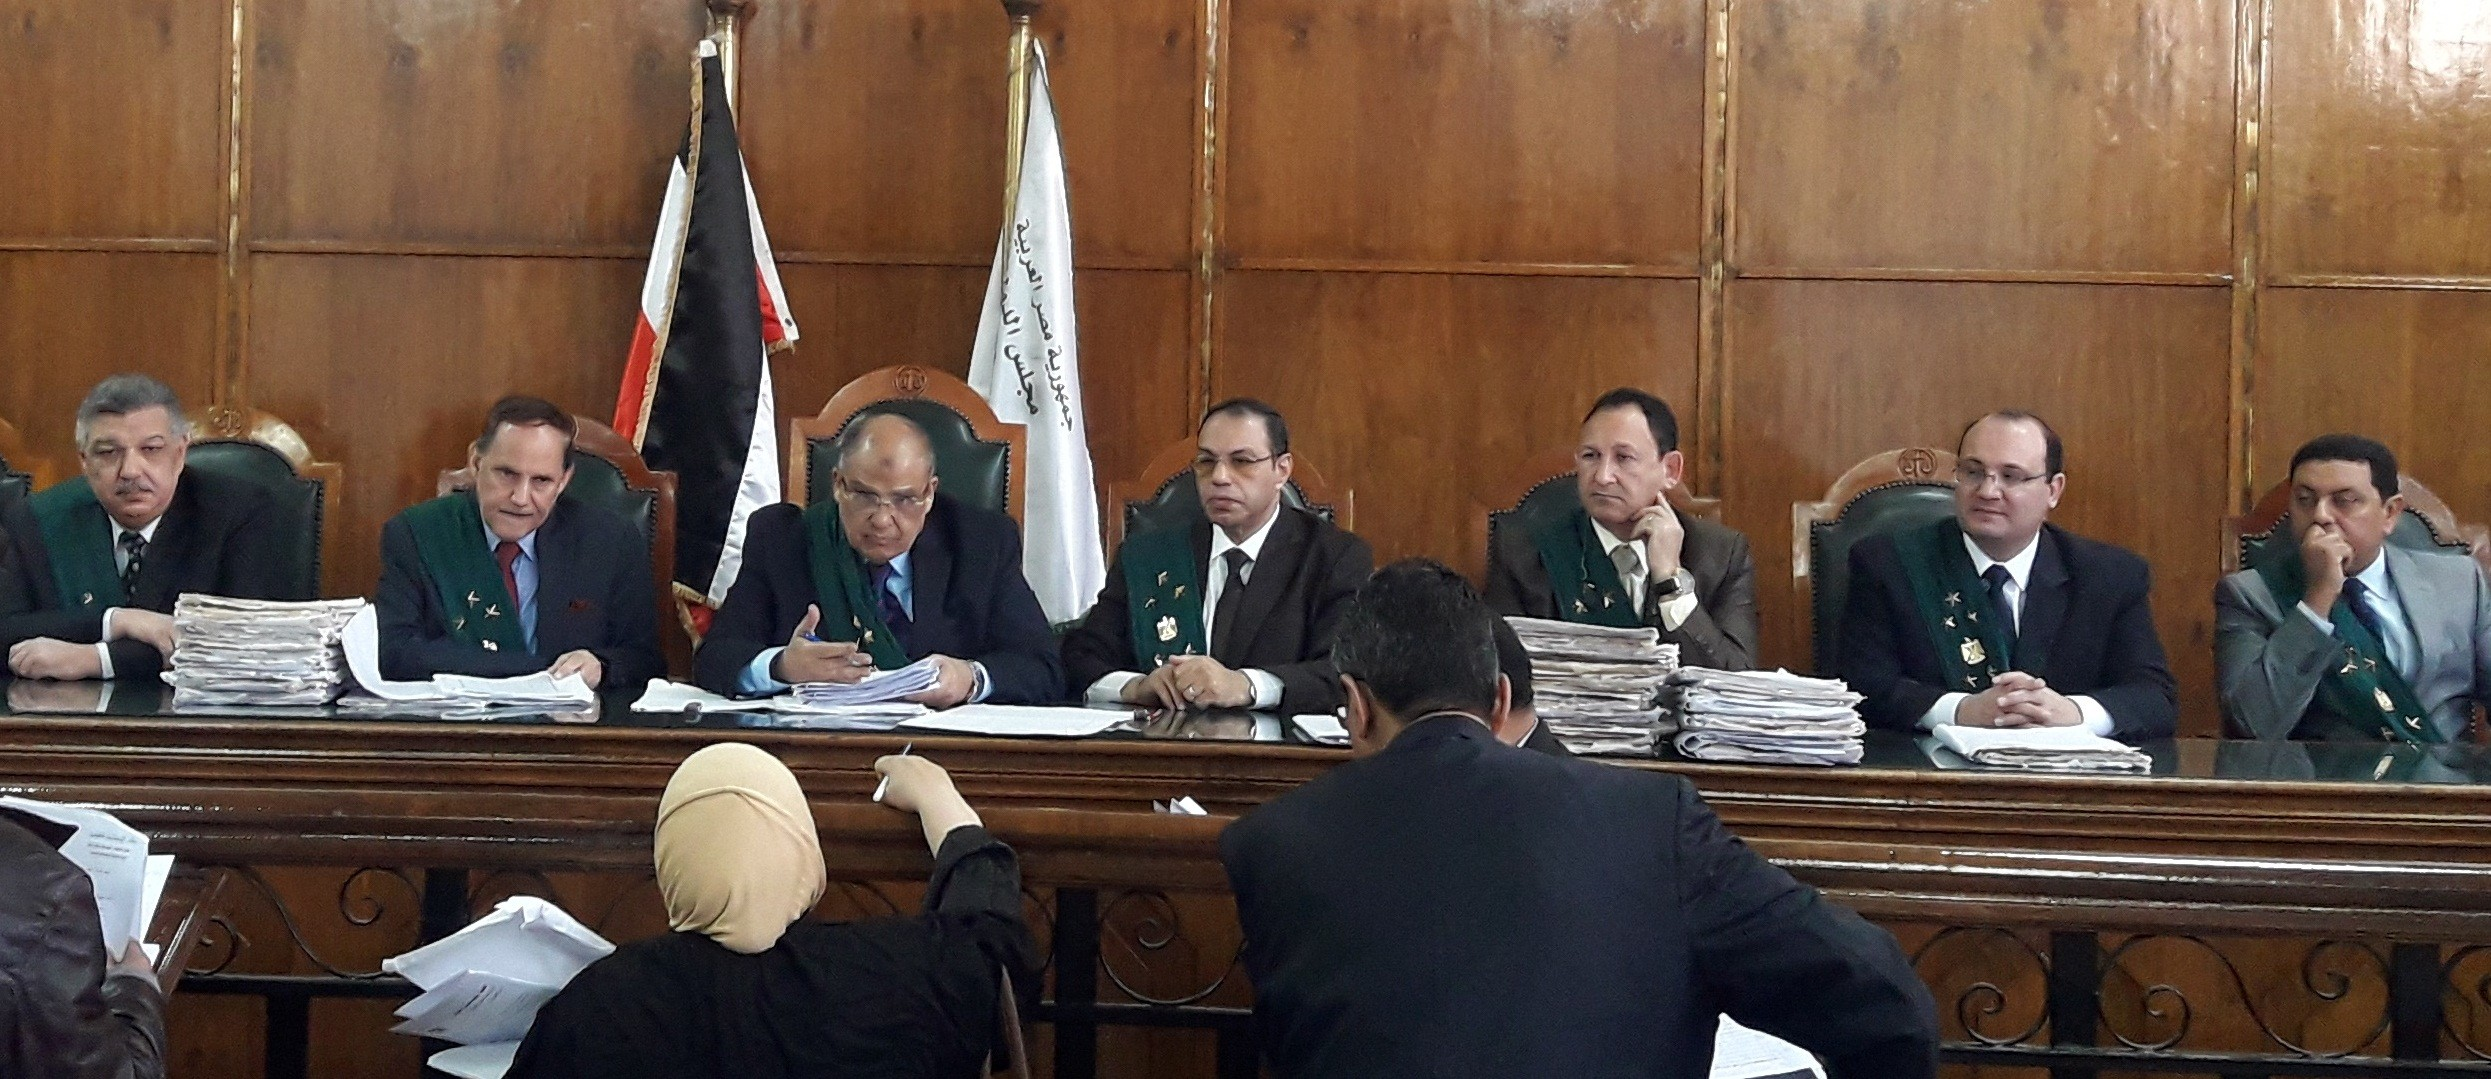 هيئة الدائره الثالثه بالمحكمة الإدارية العليا